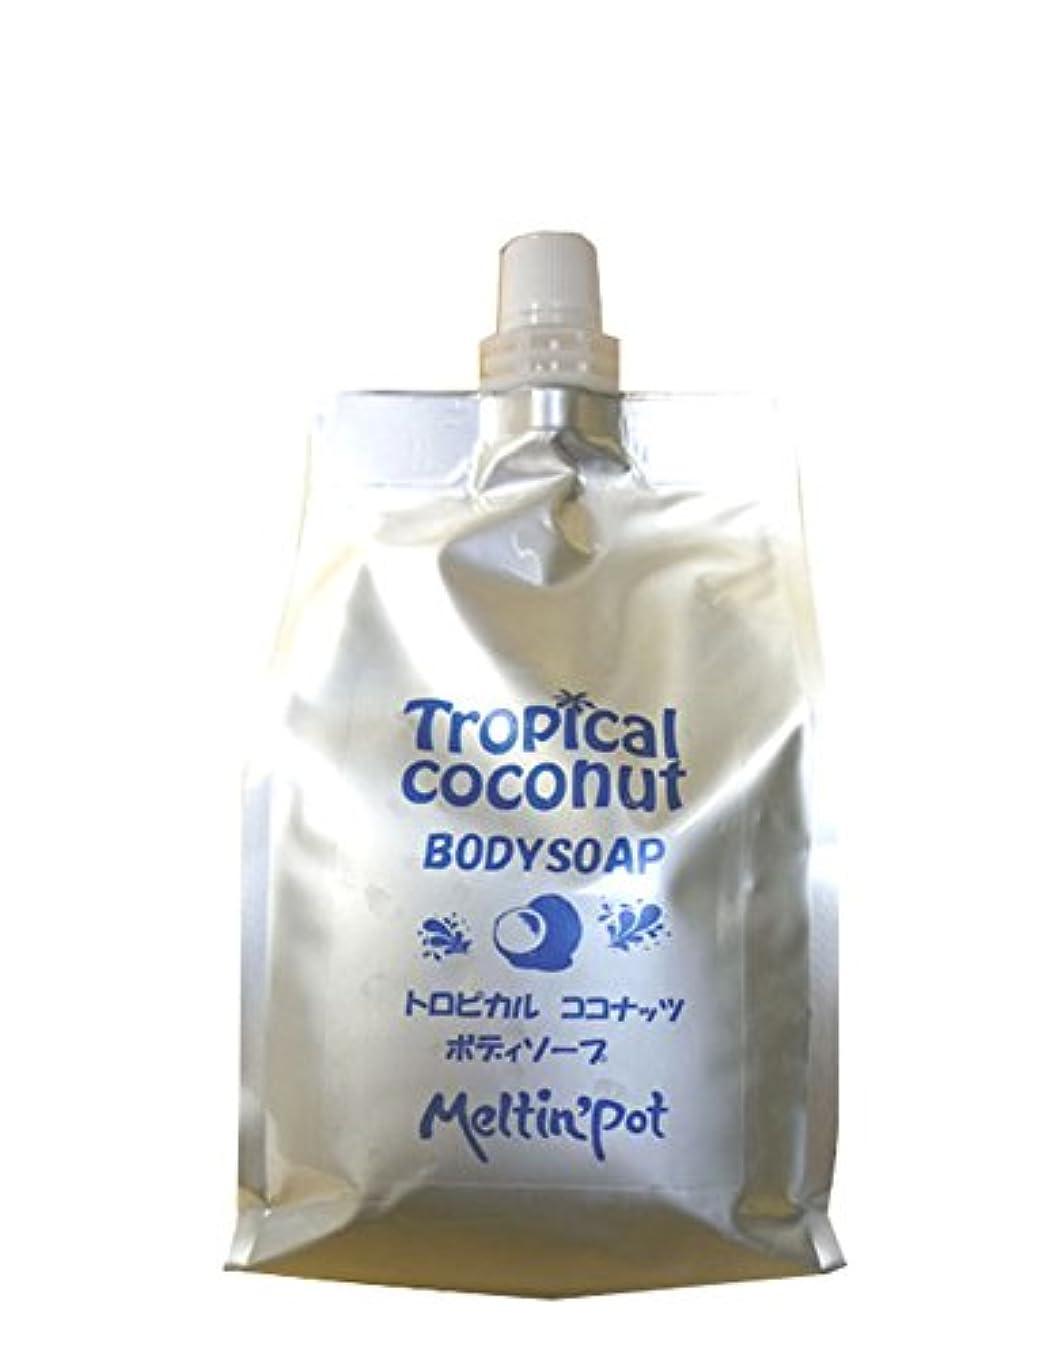 相続人起きろ慎重トロピカルココナッツ ボディソープ 1000ml 詰め替え Tropical coconut Body Soap 加齢臭に! [MeltinPot]